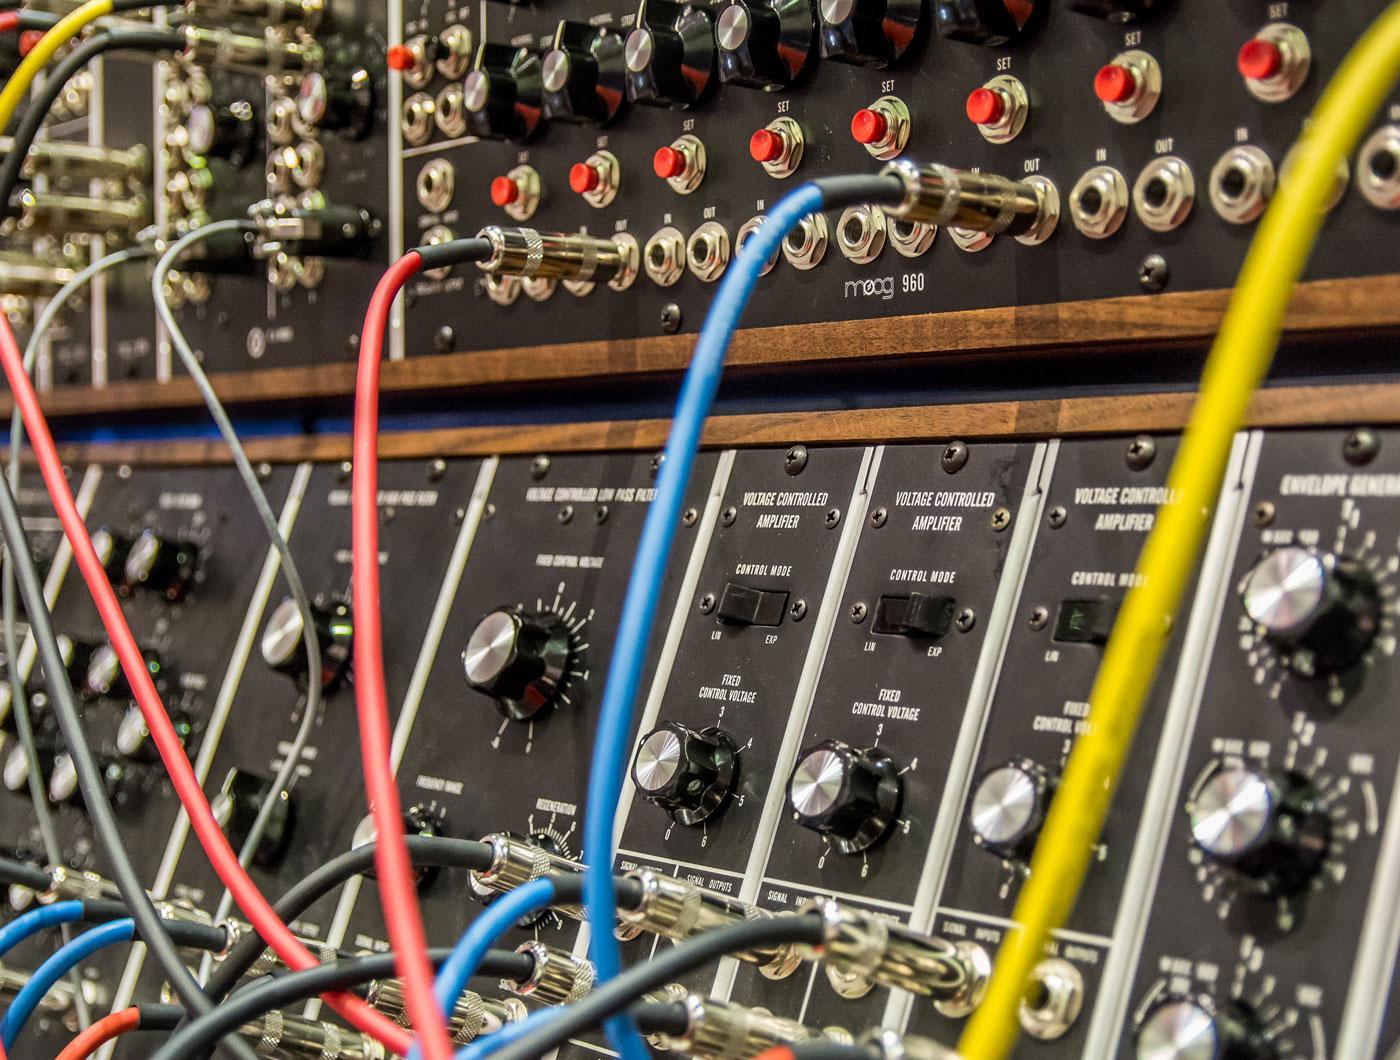 Pramoninės elektronikos remontas